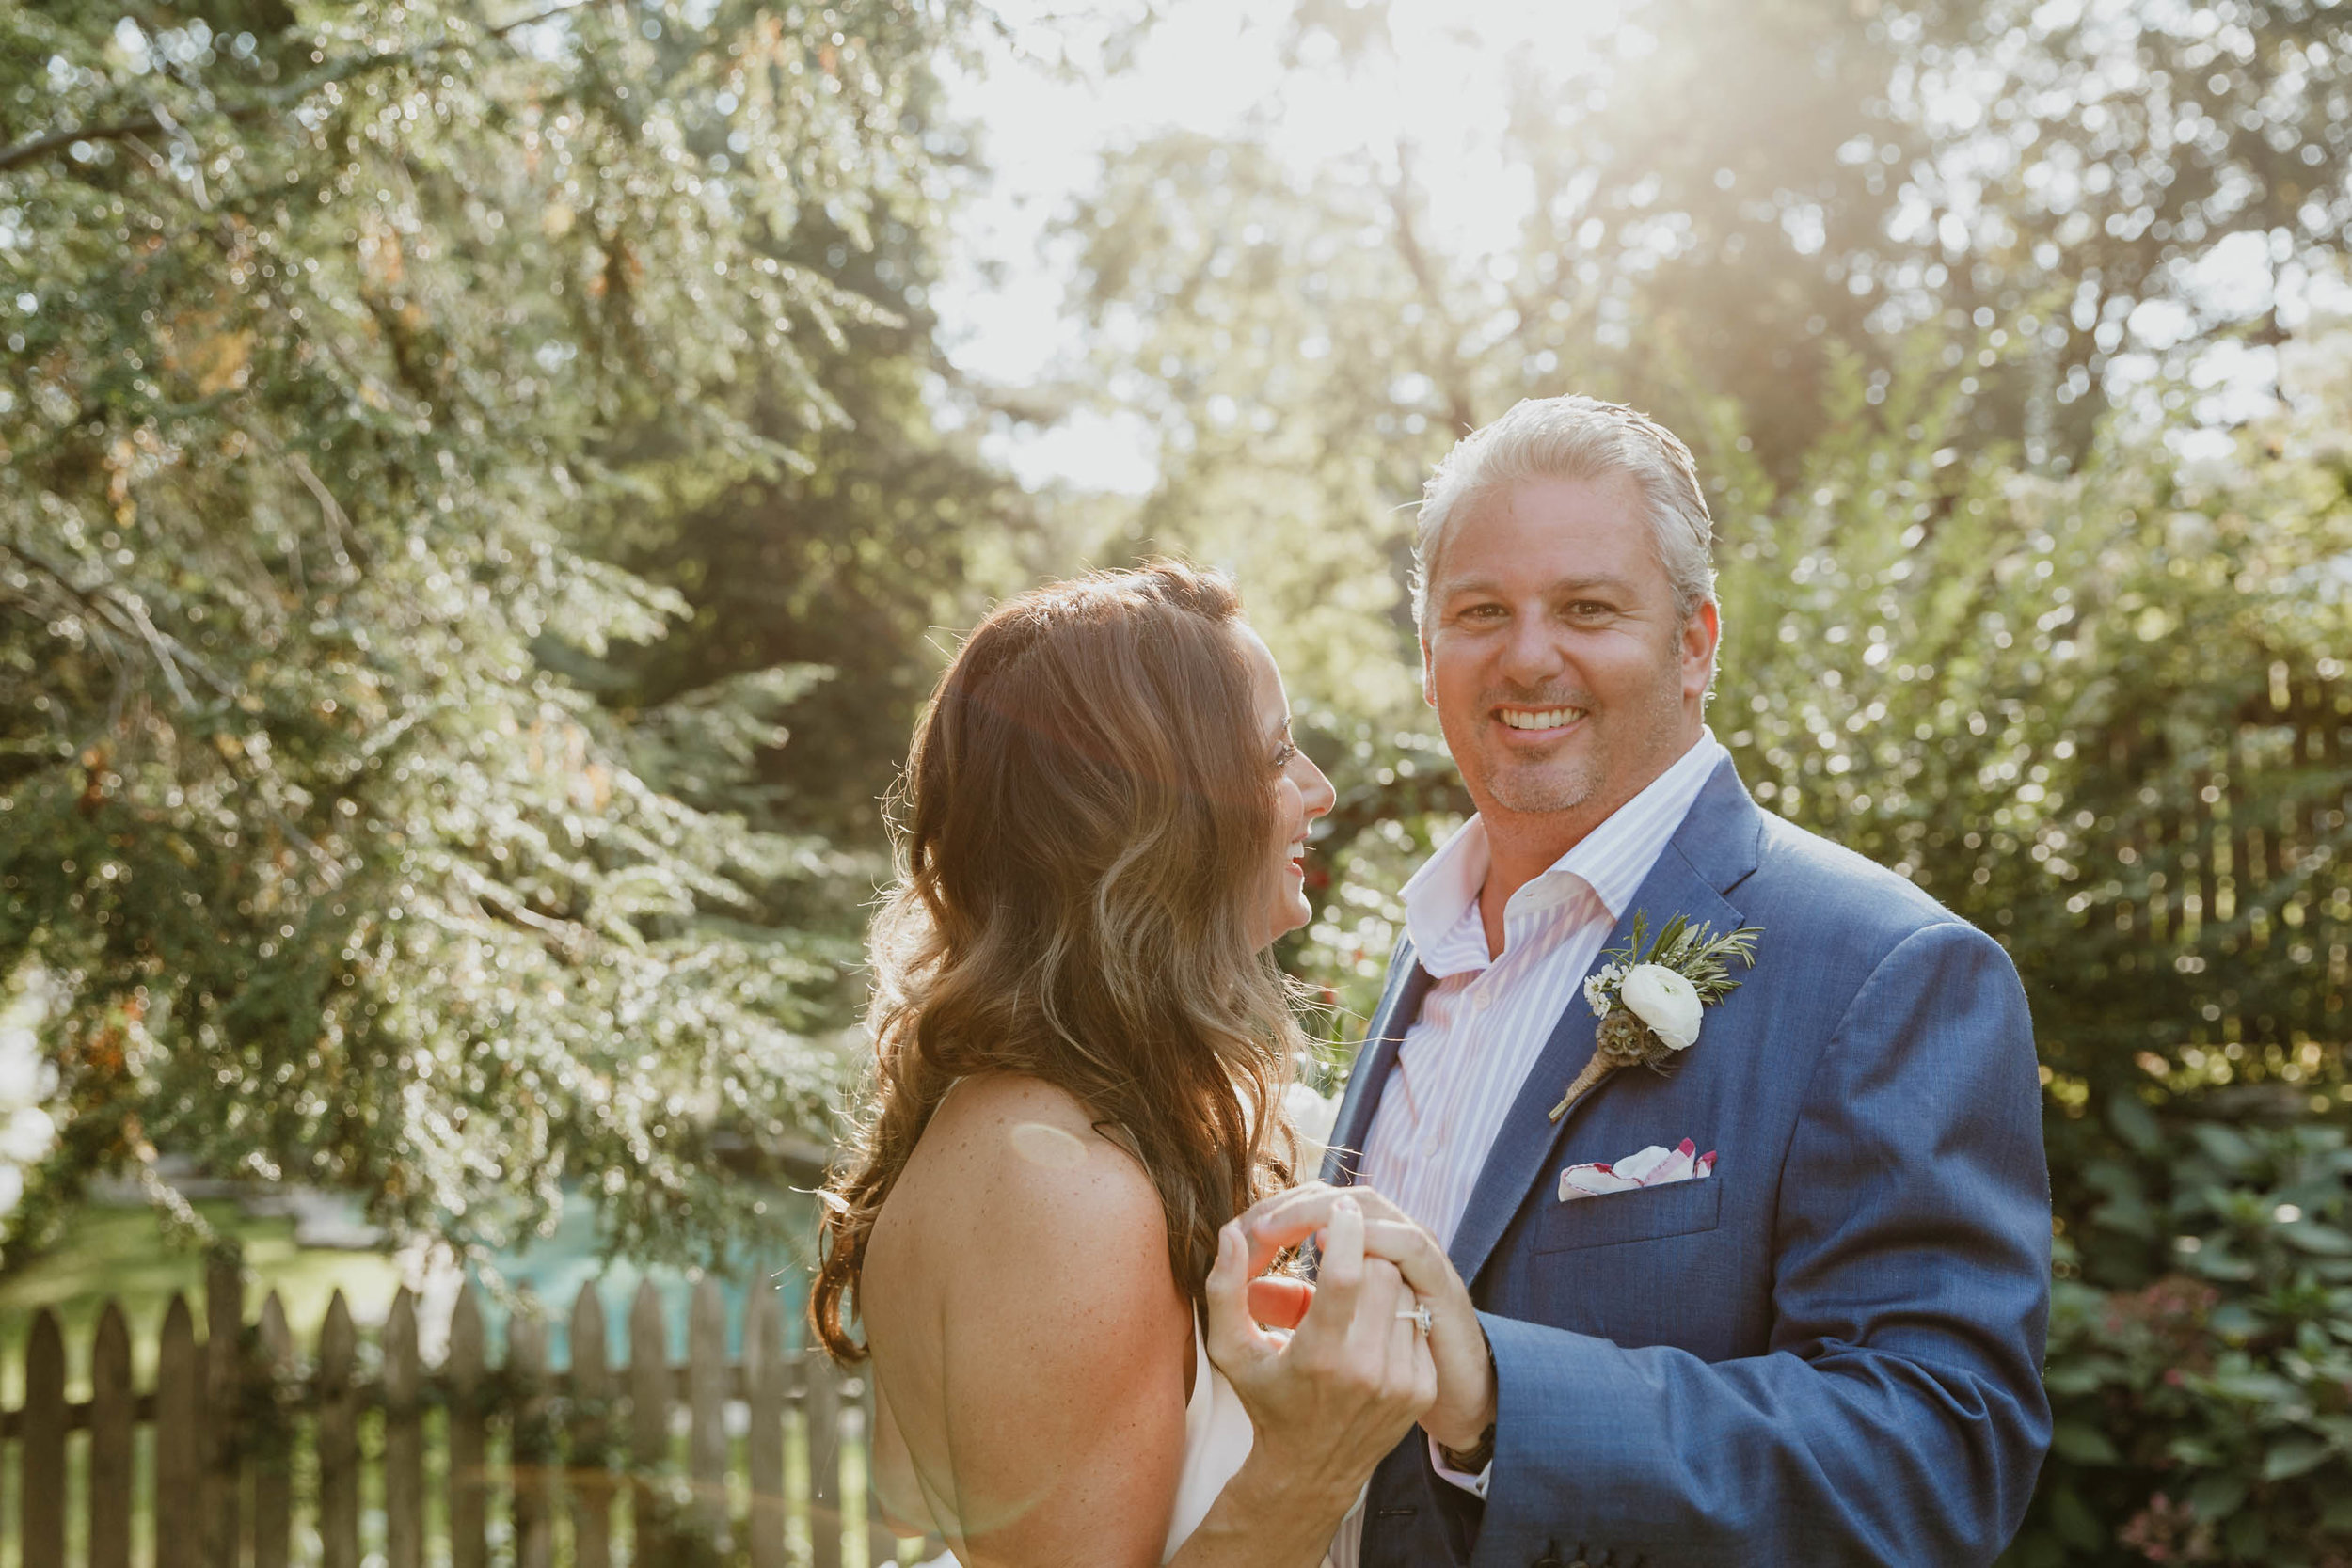 fairfield-county-connecticut-backyard-wedding-photographer--35.jpg